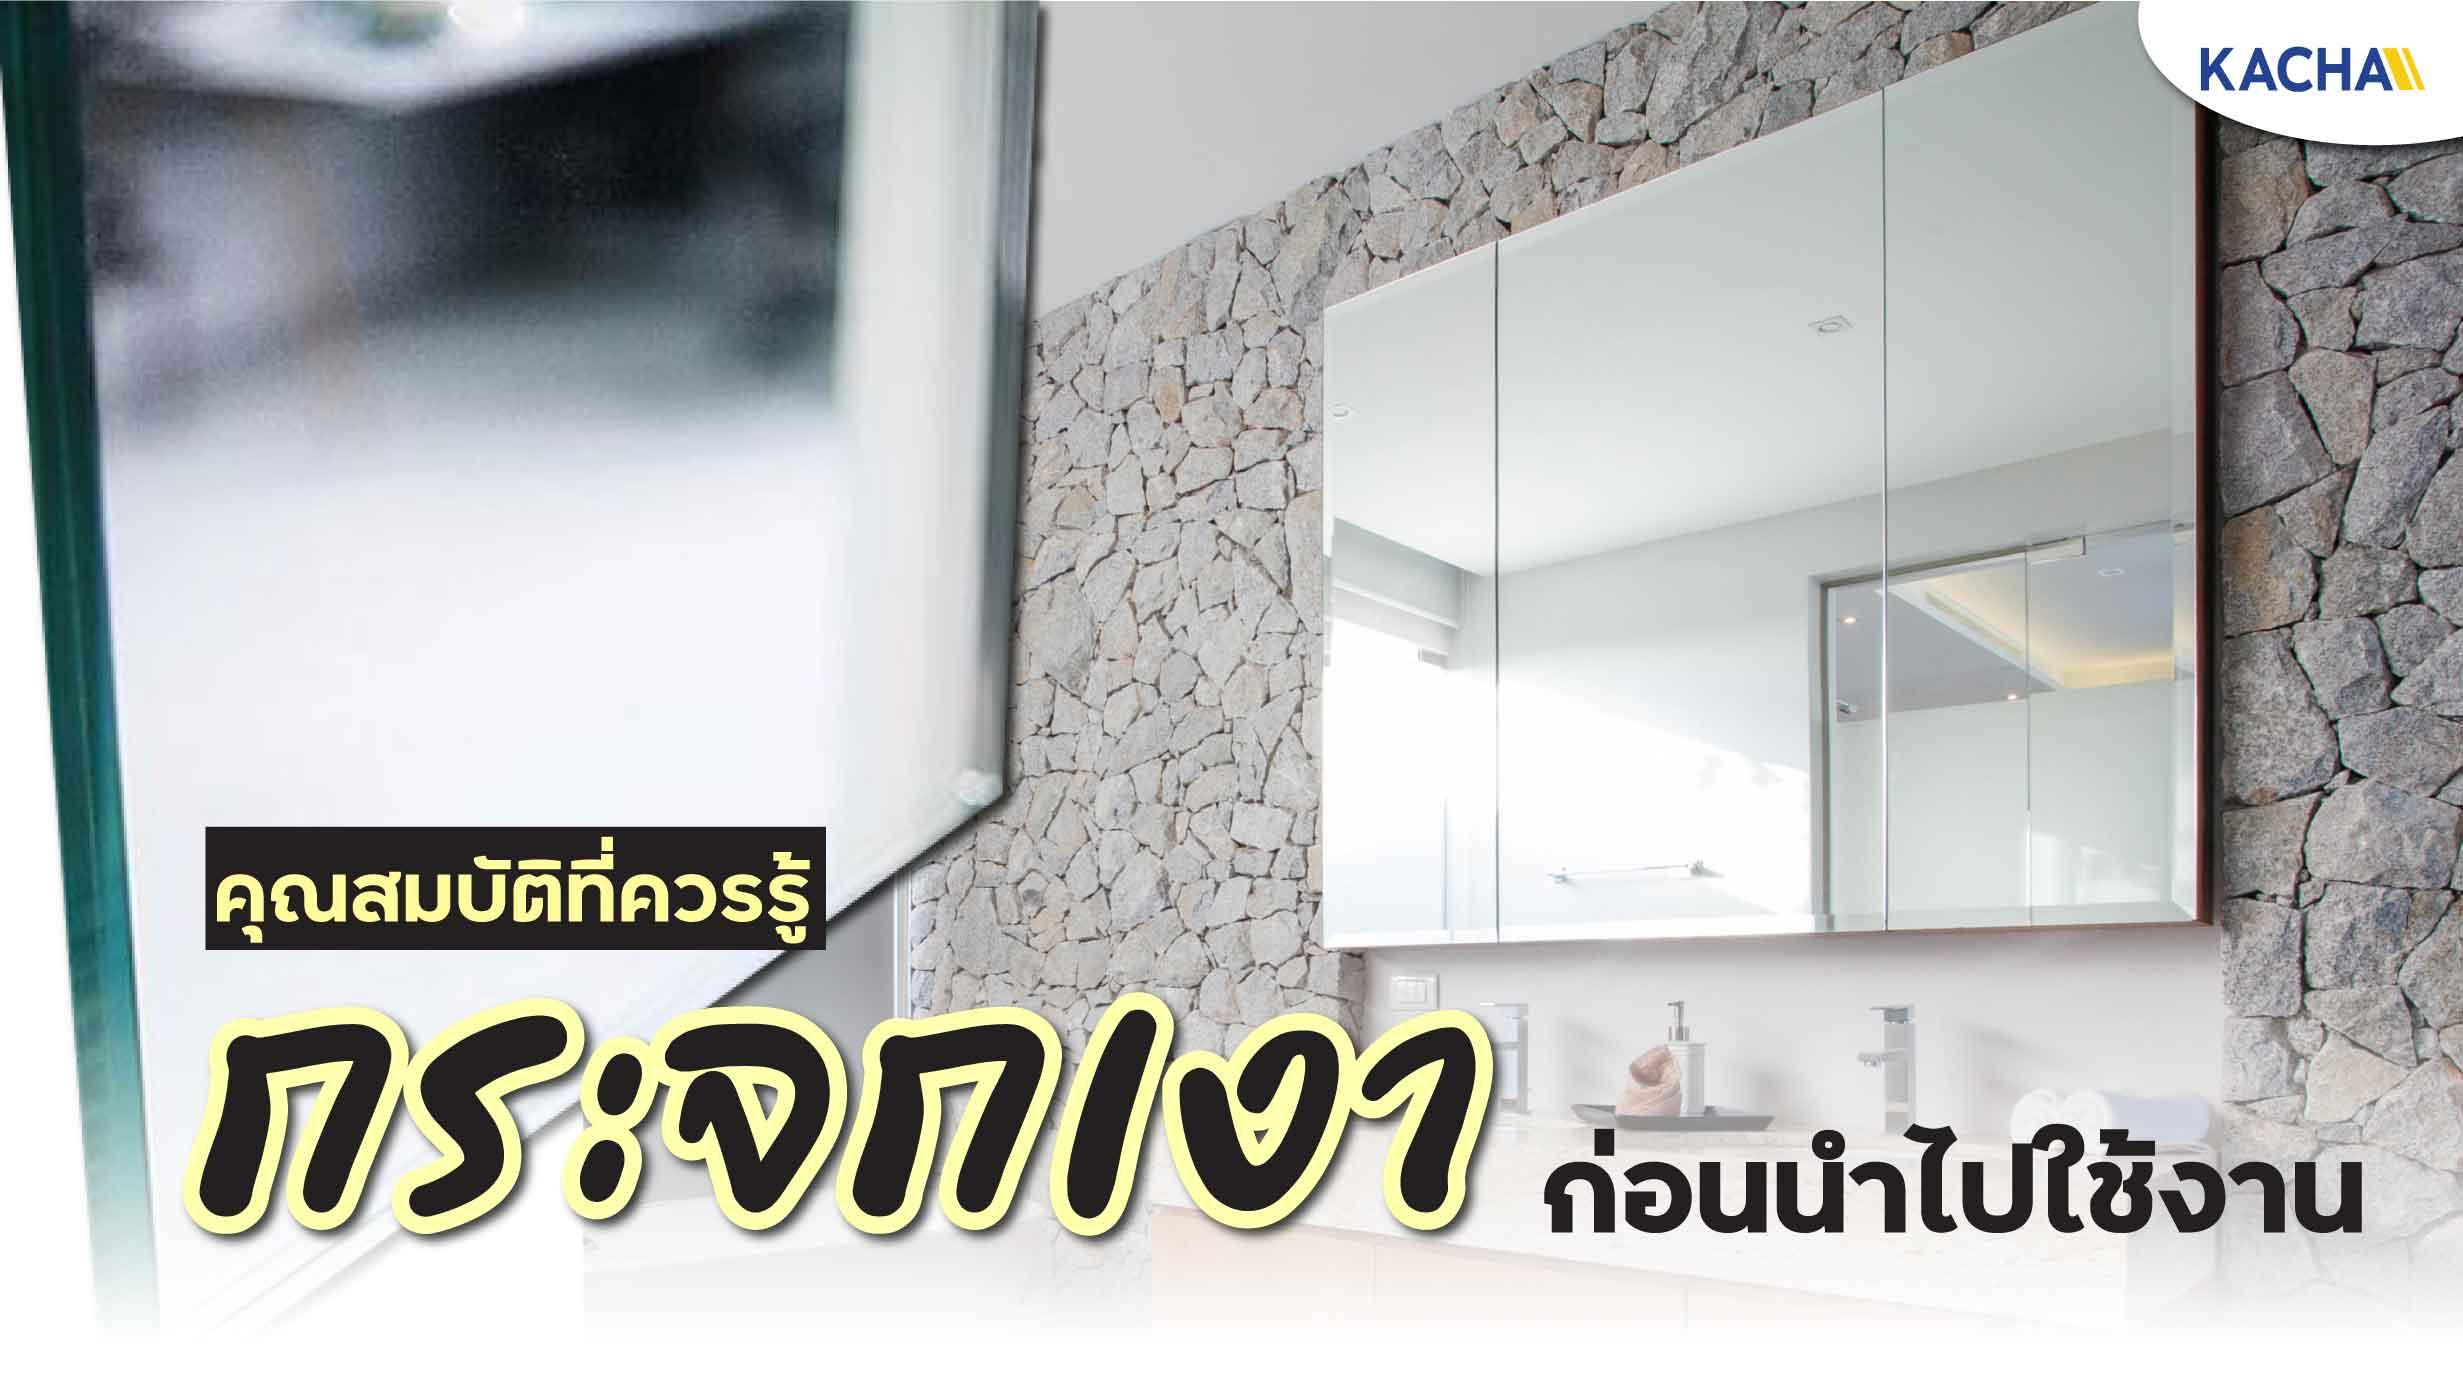 210403-Content-กระจกเงา-(Mirror-Glass)-กับคุณสมบัติที่น่ารู้ก่อนนำไปใช้งาน01